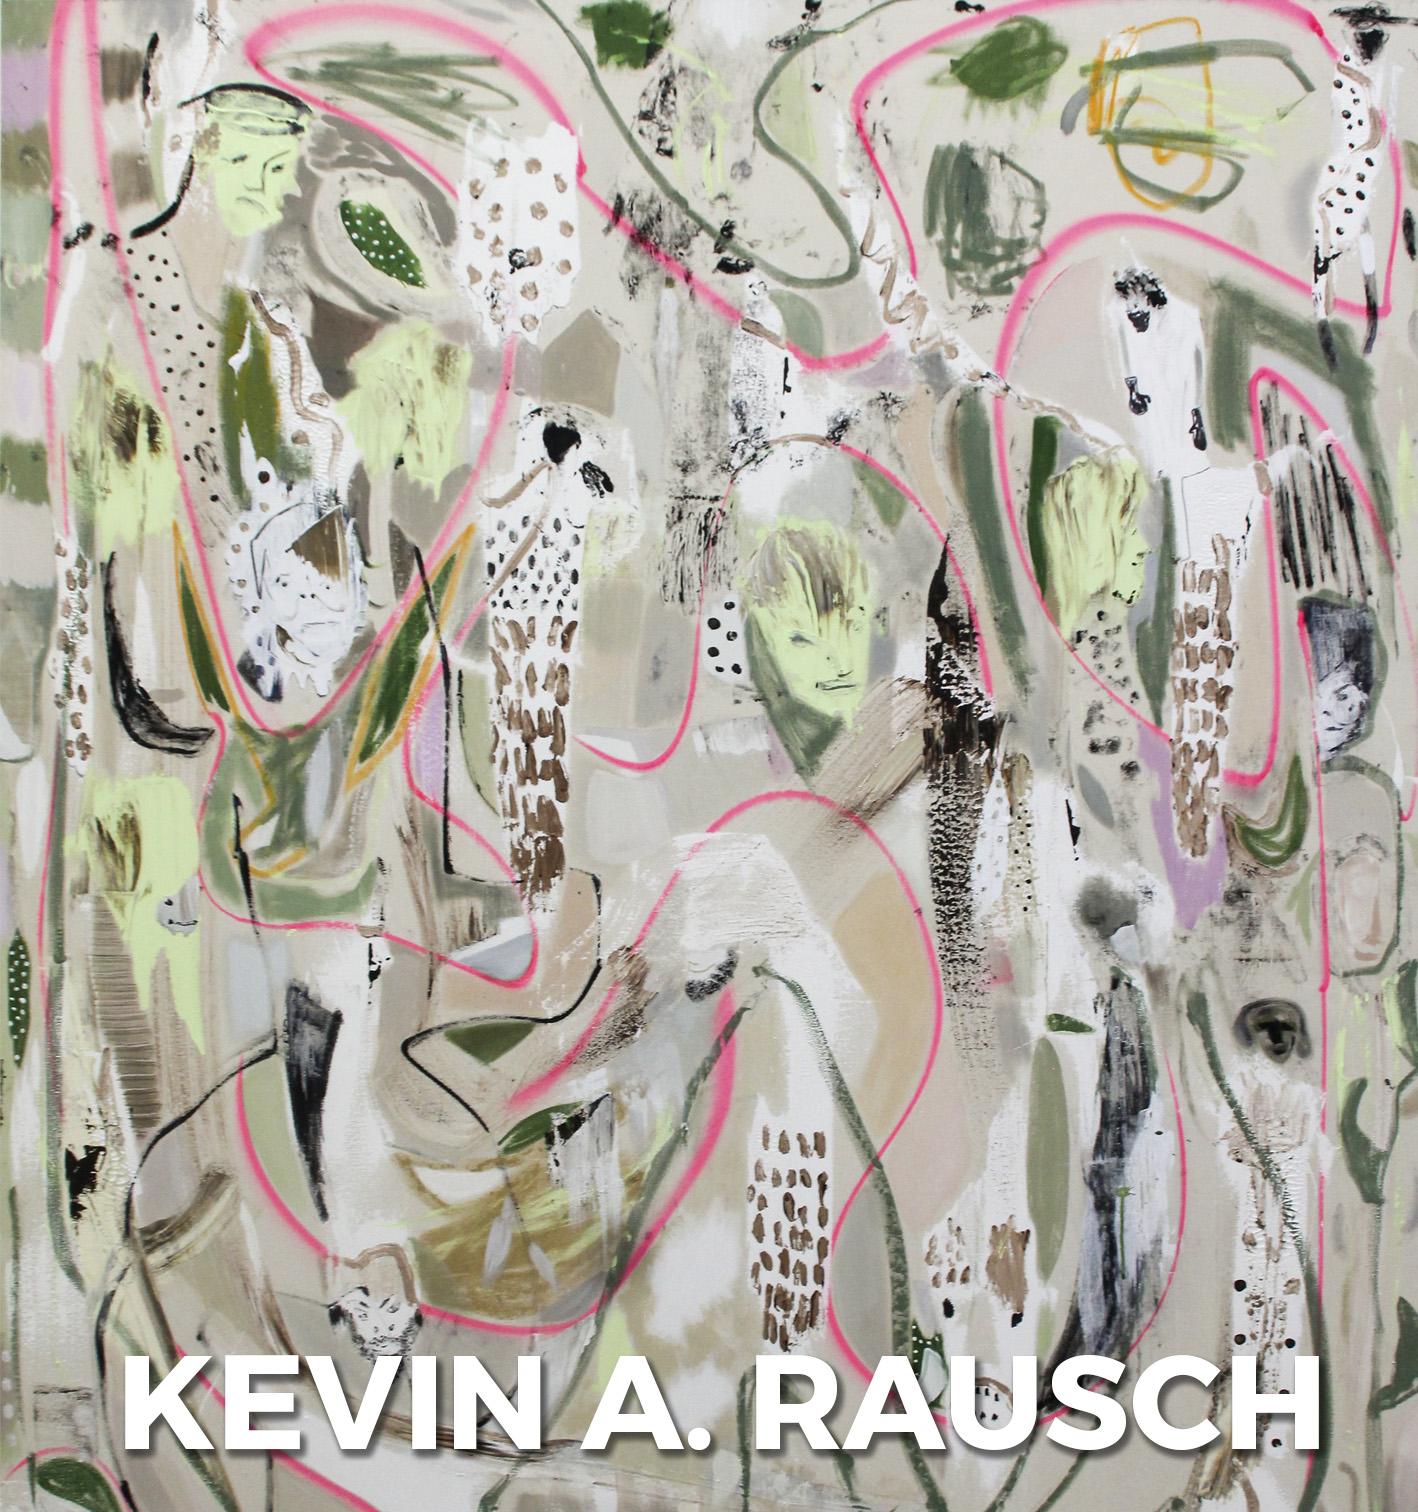 Kevin A. Rausch - Teaser